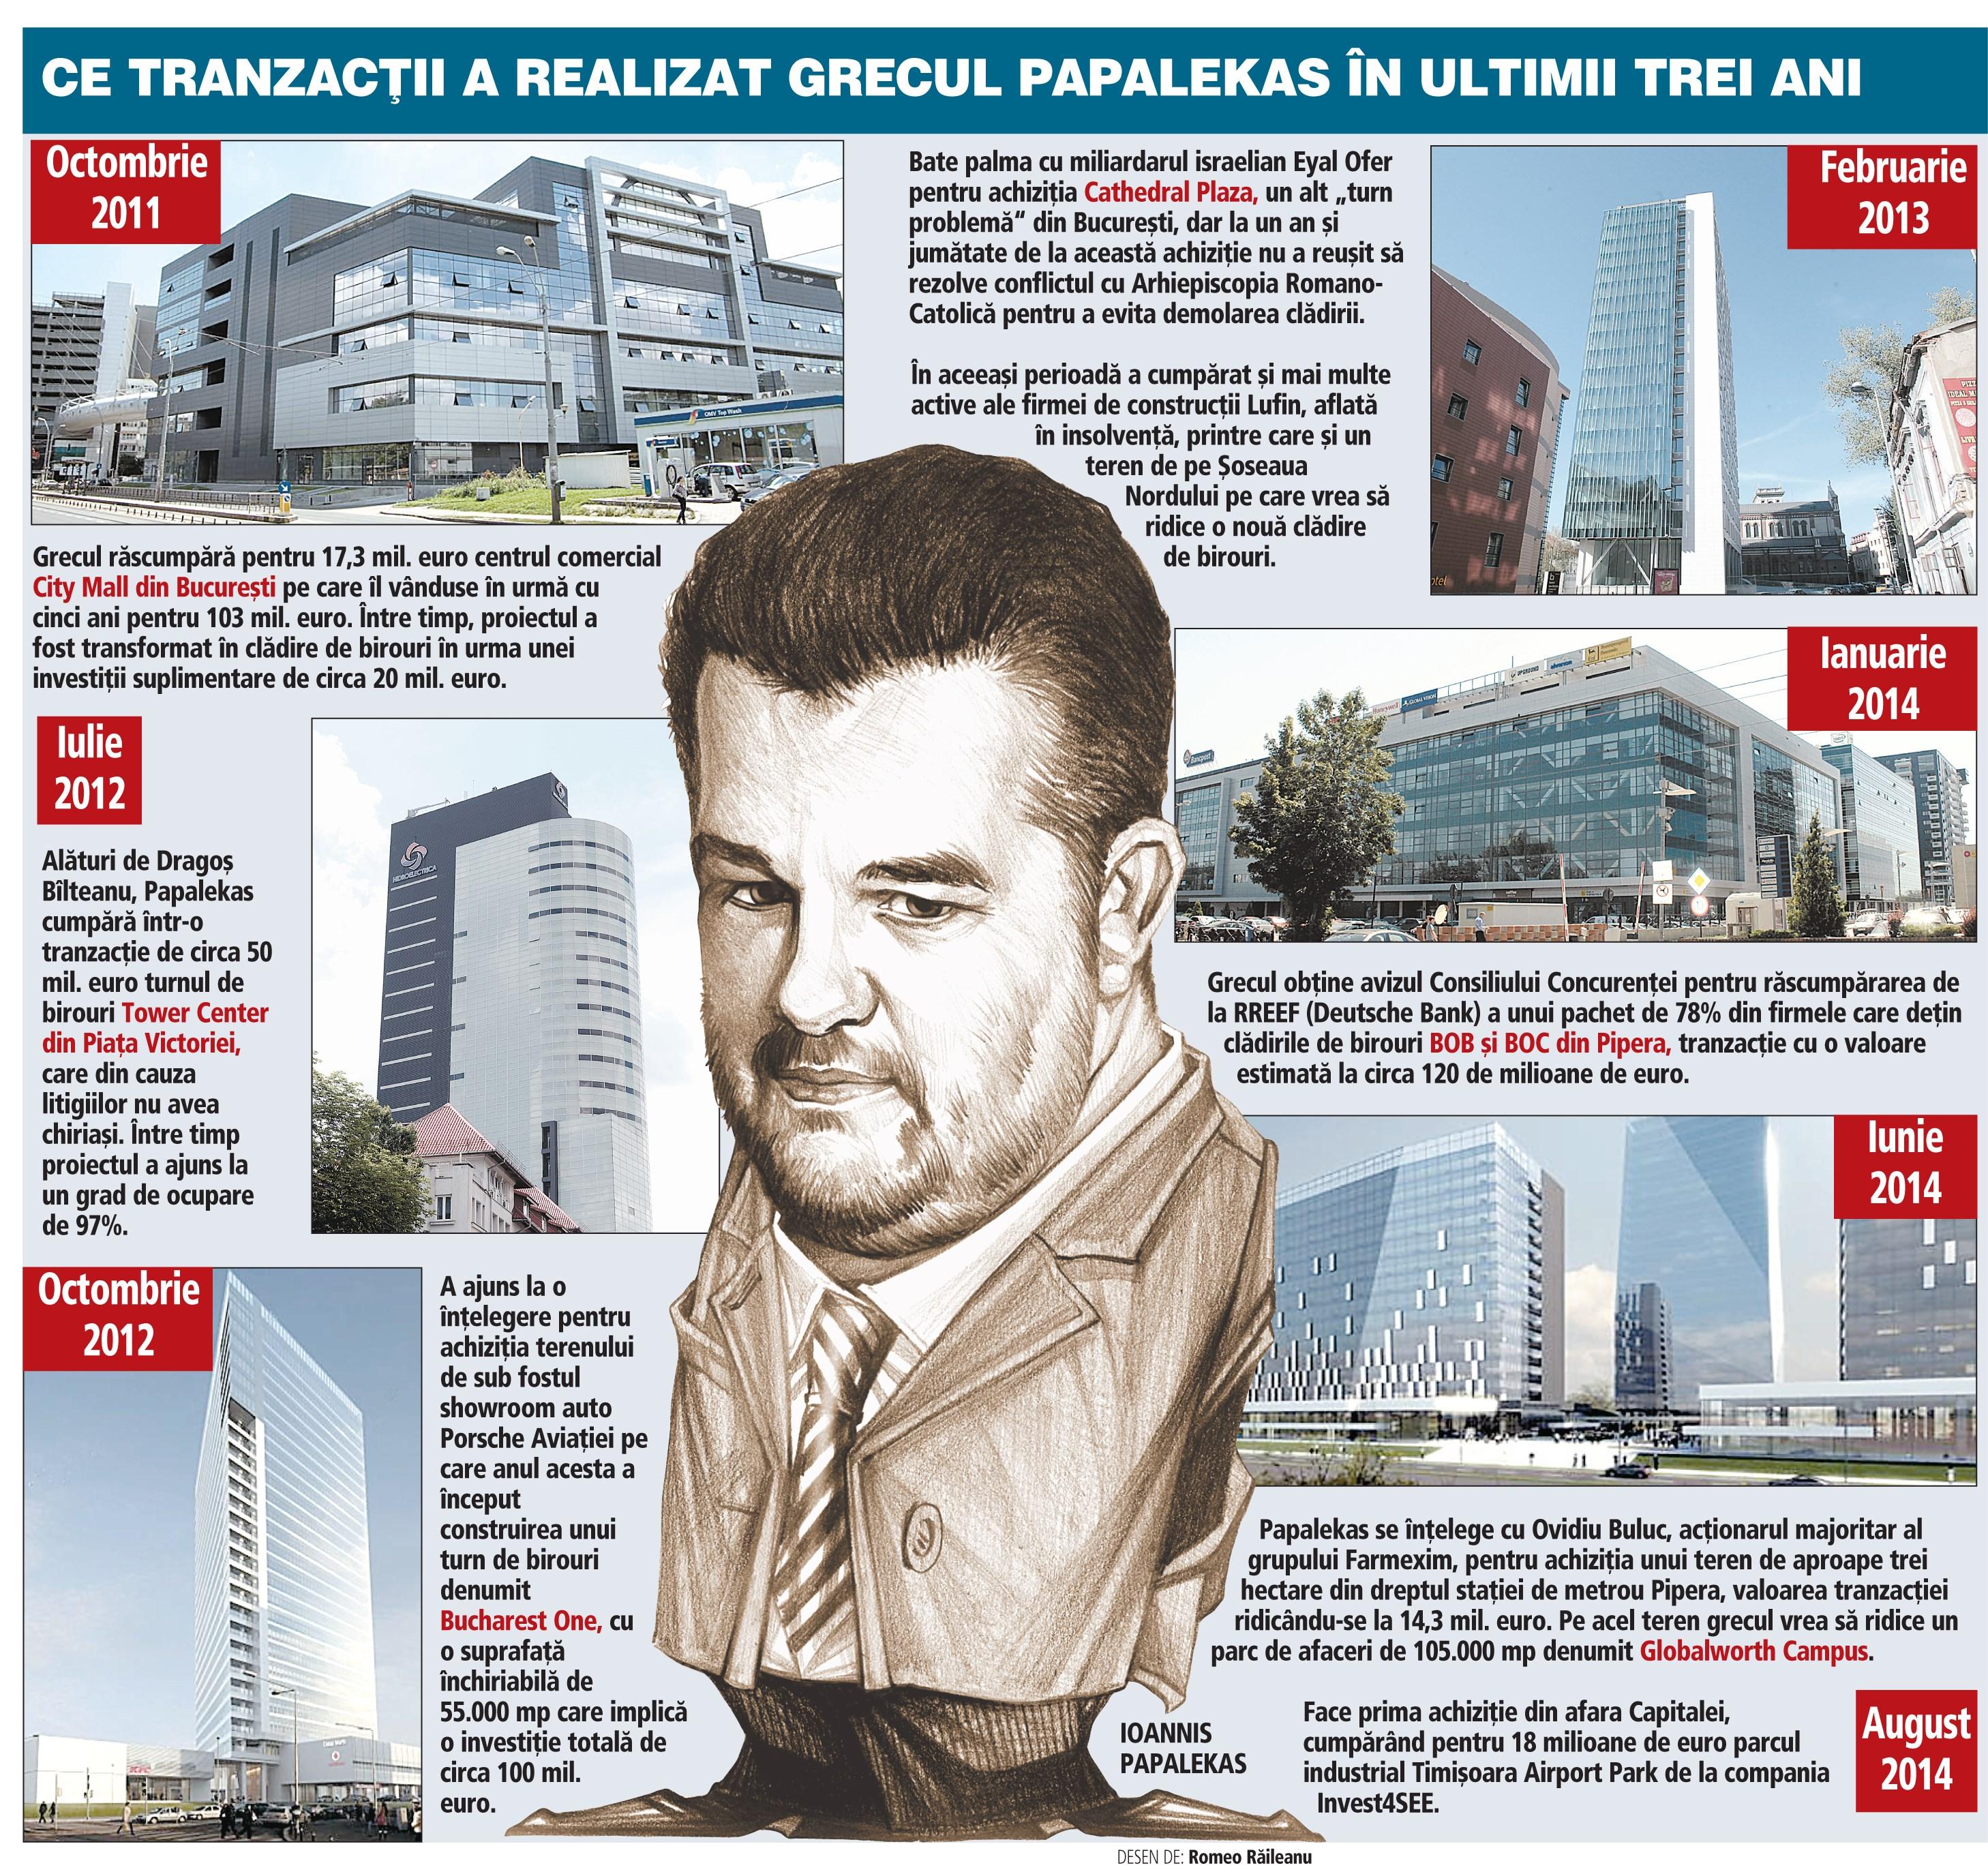 Αφιέρωμα των ρουμανικών ΜΜΕ στα ακίνητα του Παπαλέκα